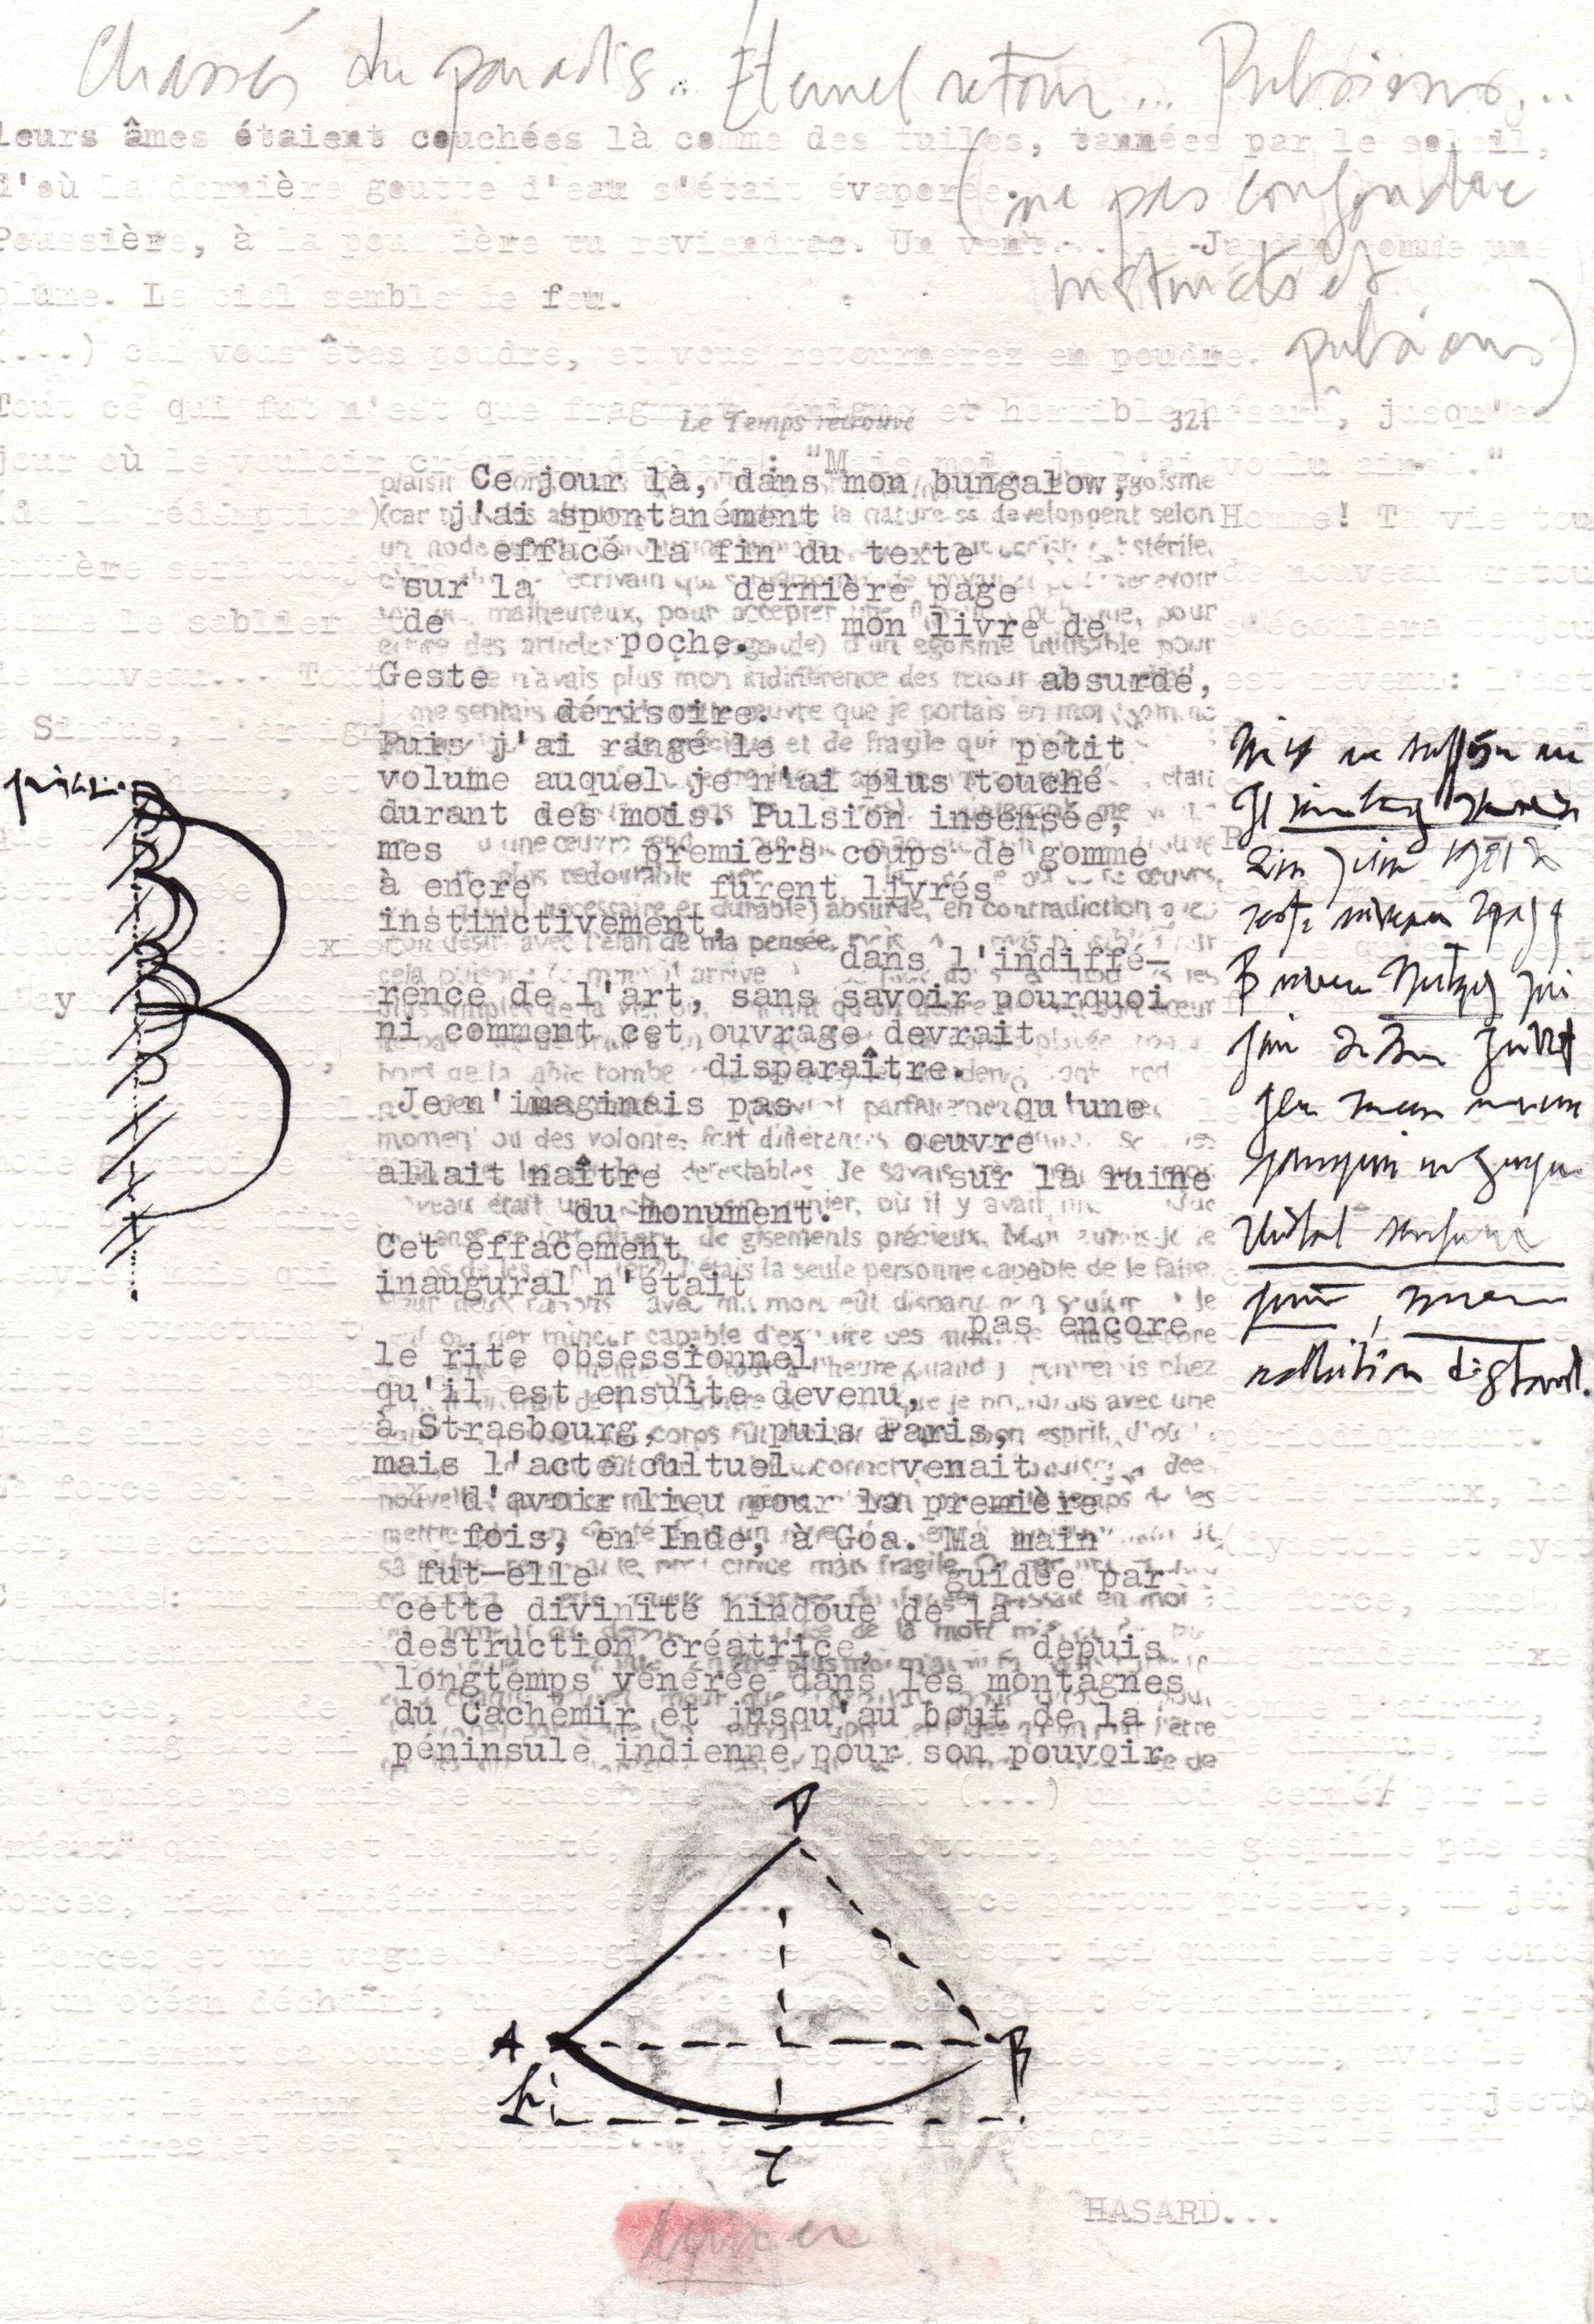 Palimpseste 013, 2019, 19,5 x 28 cm, graphite, tapuscrit, encre de chine et pigment sur papier